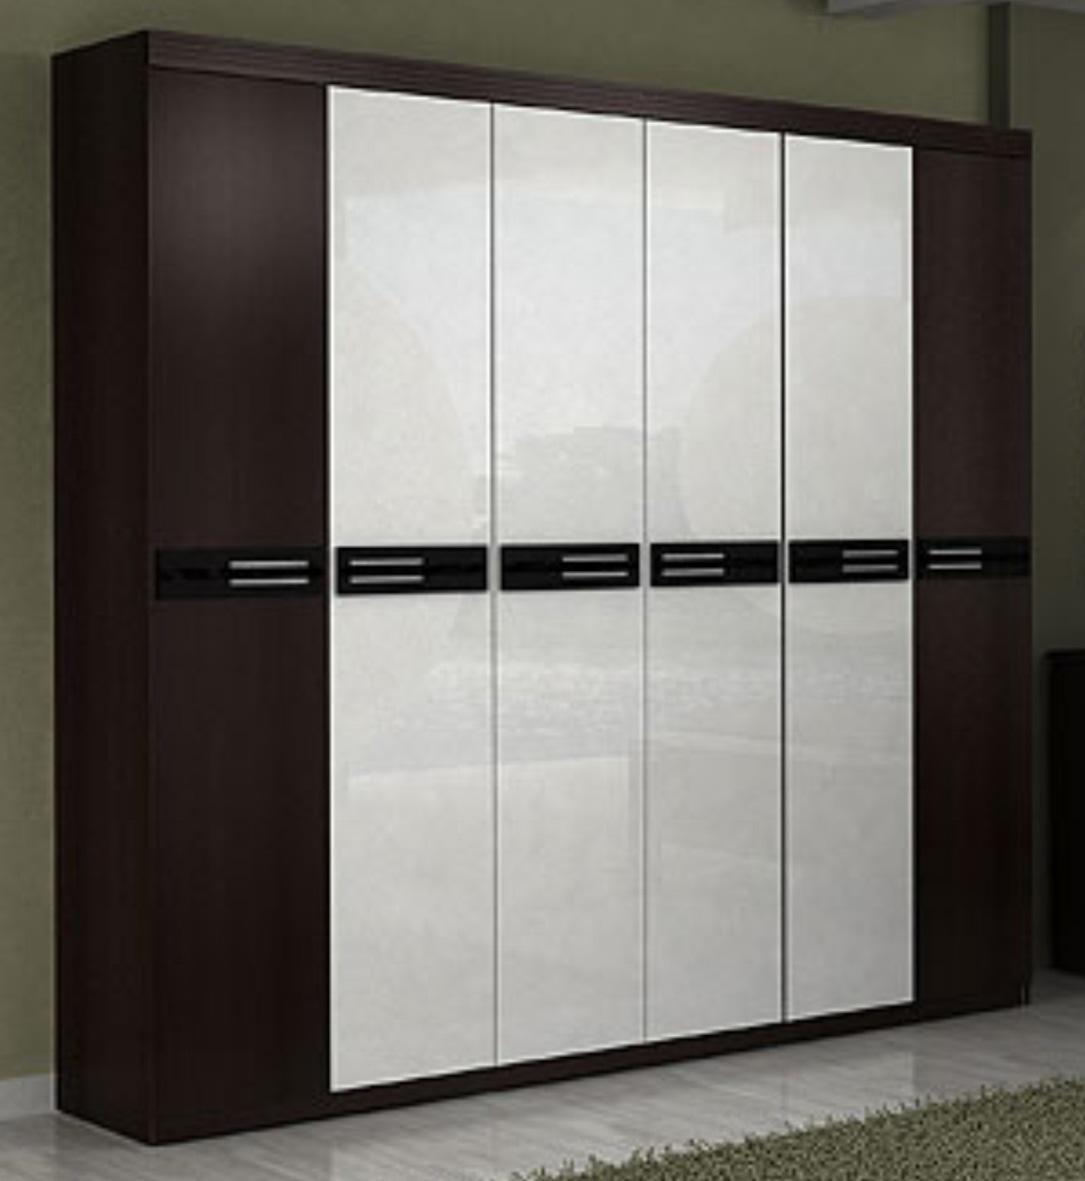 #28211C Projetos De Guarda Roupas De Casal Embutidos 1085x1181 px Design De Guarda Roupa Para Cozinha_1055 Imagens